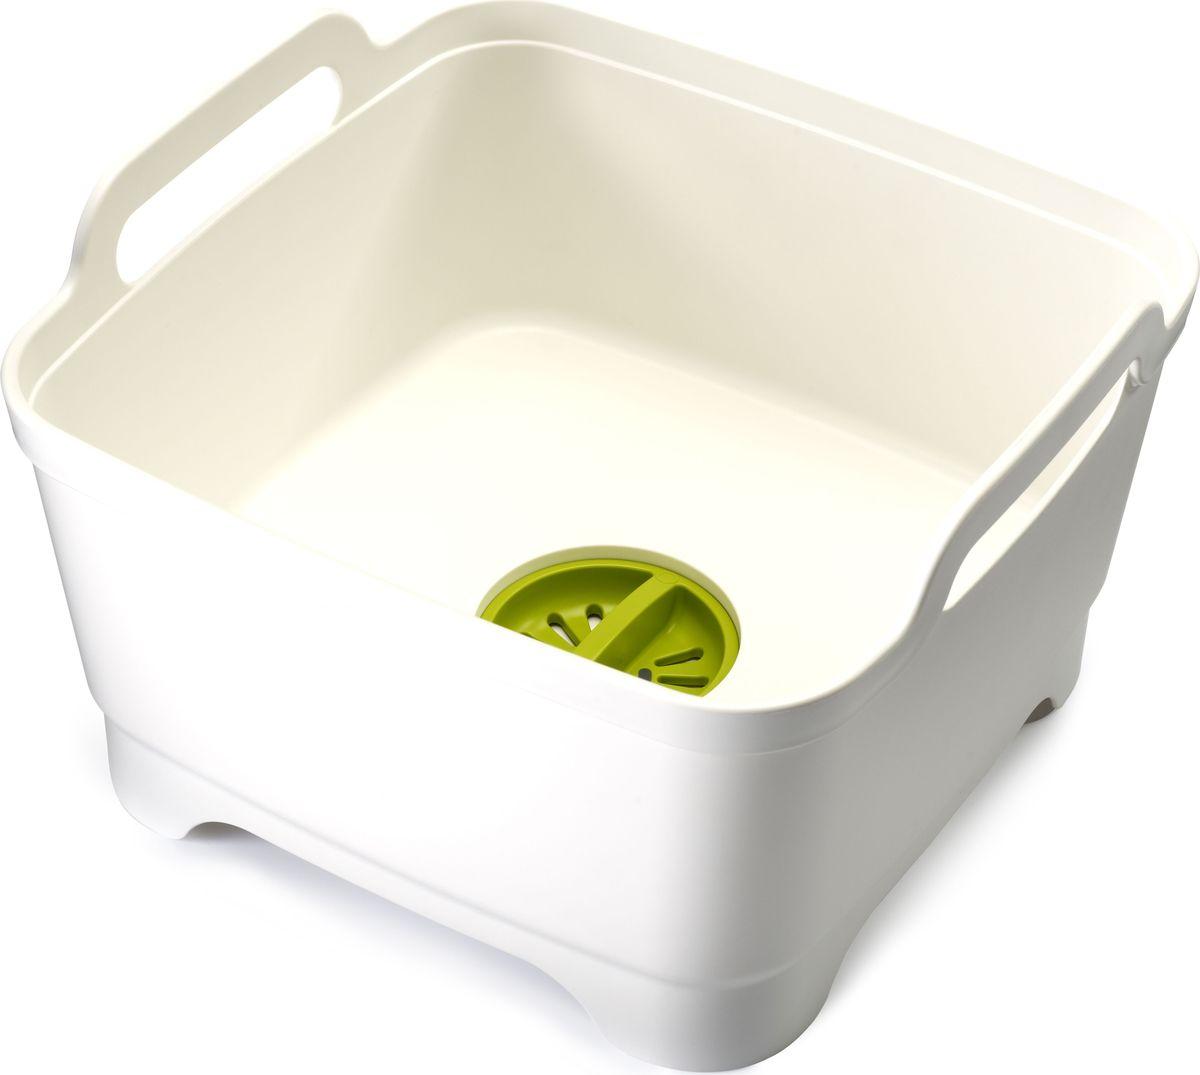 """Контейнер для мытья посуды Joseph Joseph """"Wash&Drain"""" идеален как для использования внутри раковины (что особенно удобно в период отключения горячей воды), так и вне ее — например, на даче. Встроенный слив позволяет моментально избавиться от излишков воды. Пробка с заглушкой задержит остатки пищи, помогая предотвратить засорение раковины.  Расположенные под наклоном стенки не дадут воде и мыльным брызгам расплескаться наружу. Крупные ручки позволяют с легкостью переносить контейнер с места на место. Мыть рекомендуется только вручную."""